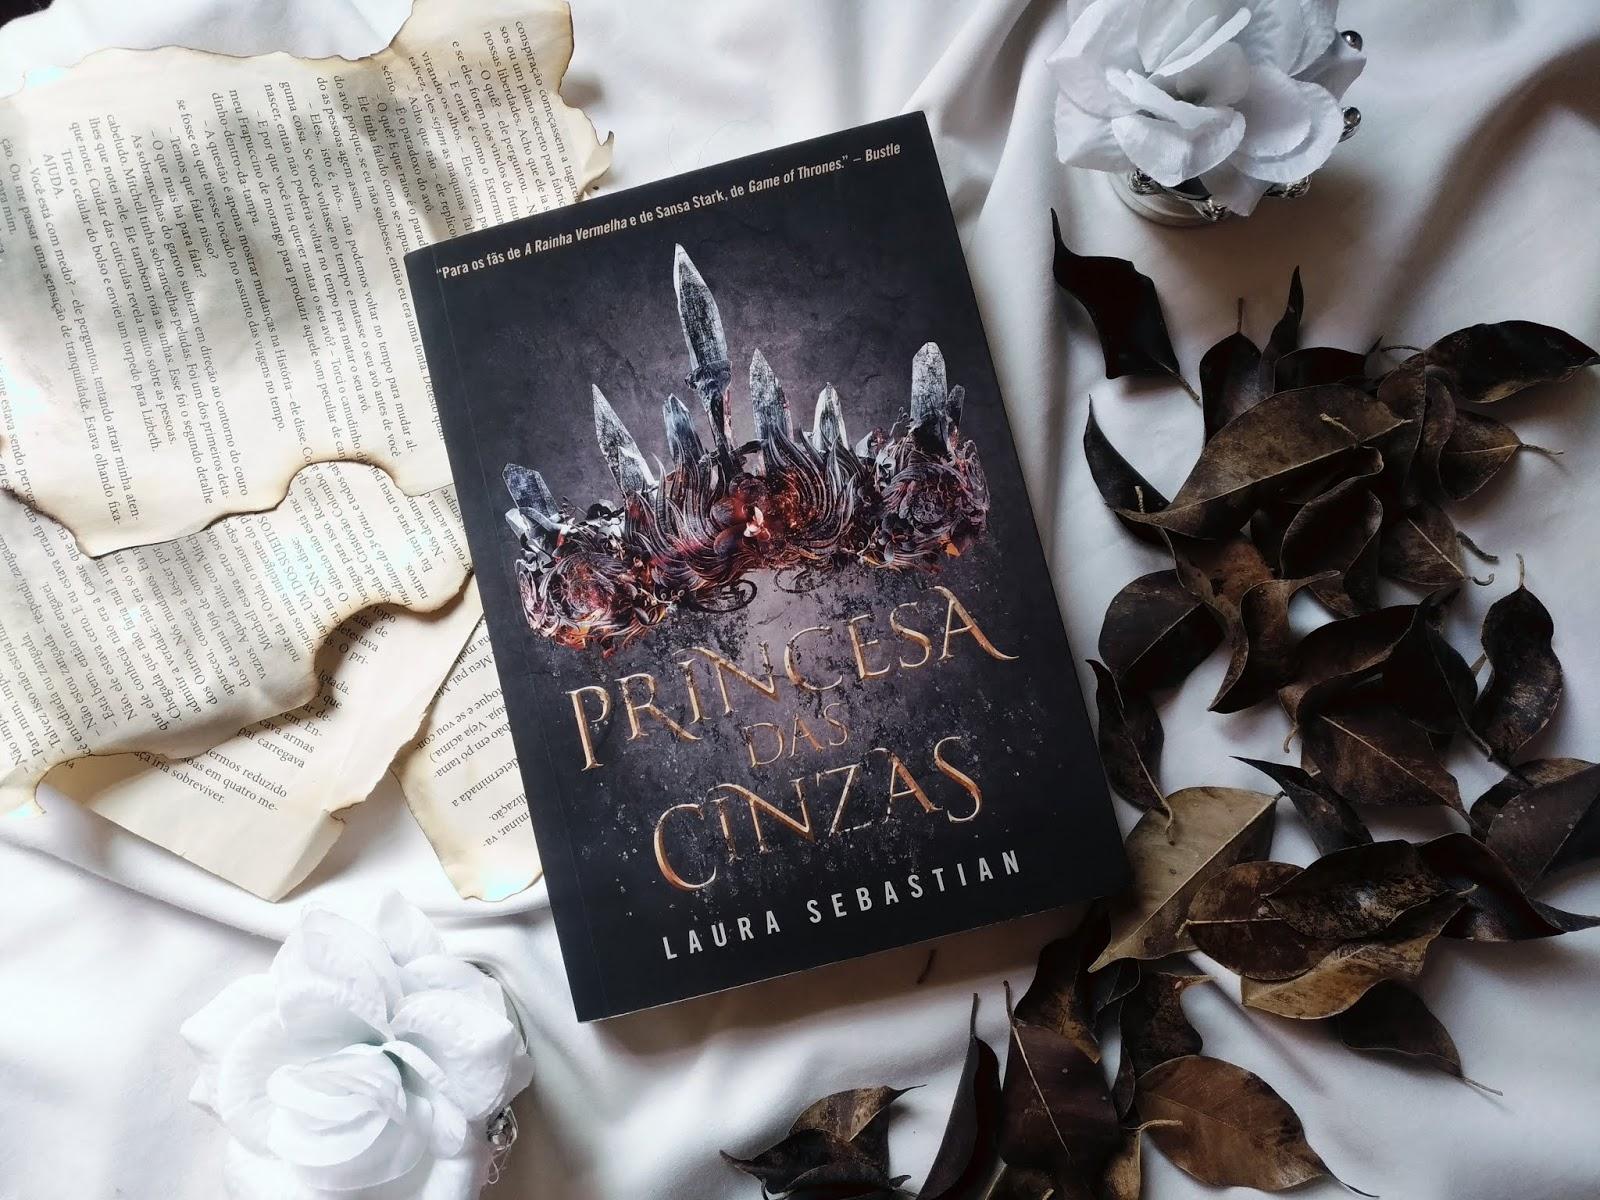 RESENHA: PRINCESA DAS CINZAS - LAURA SEBASTIAN